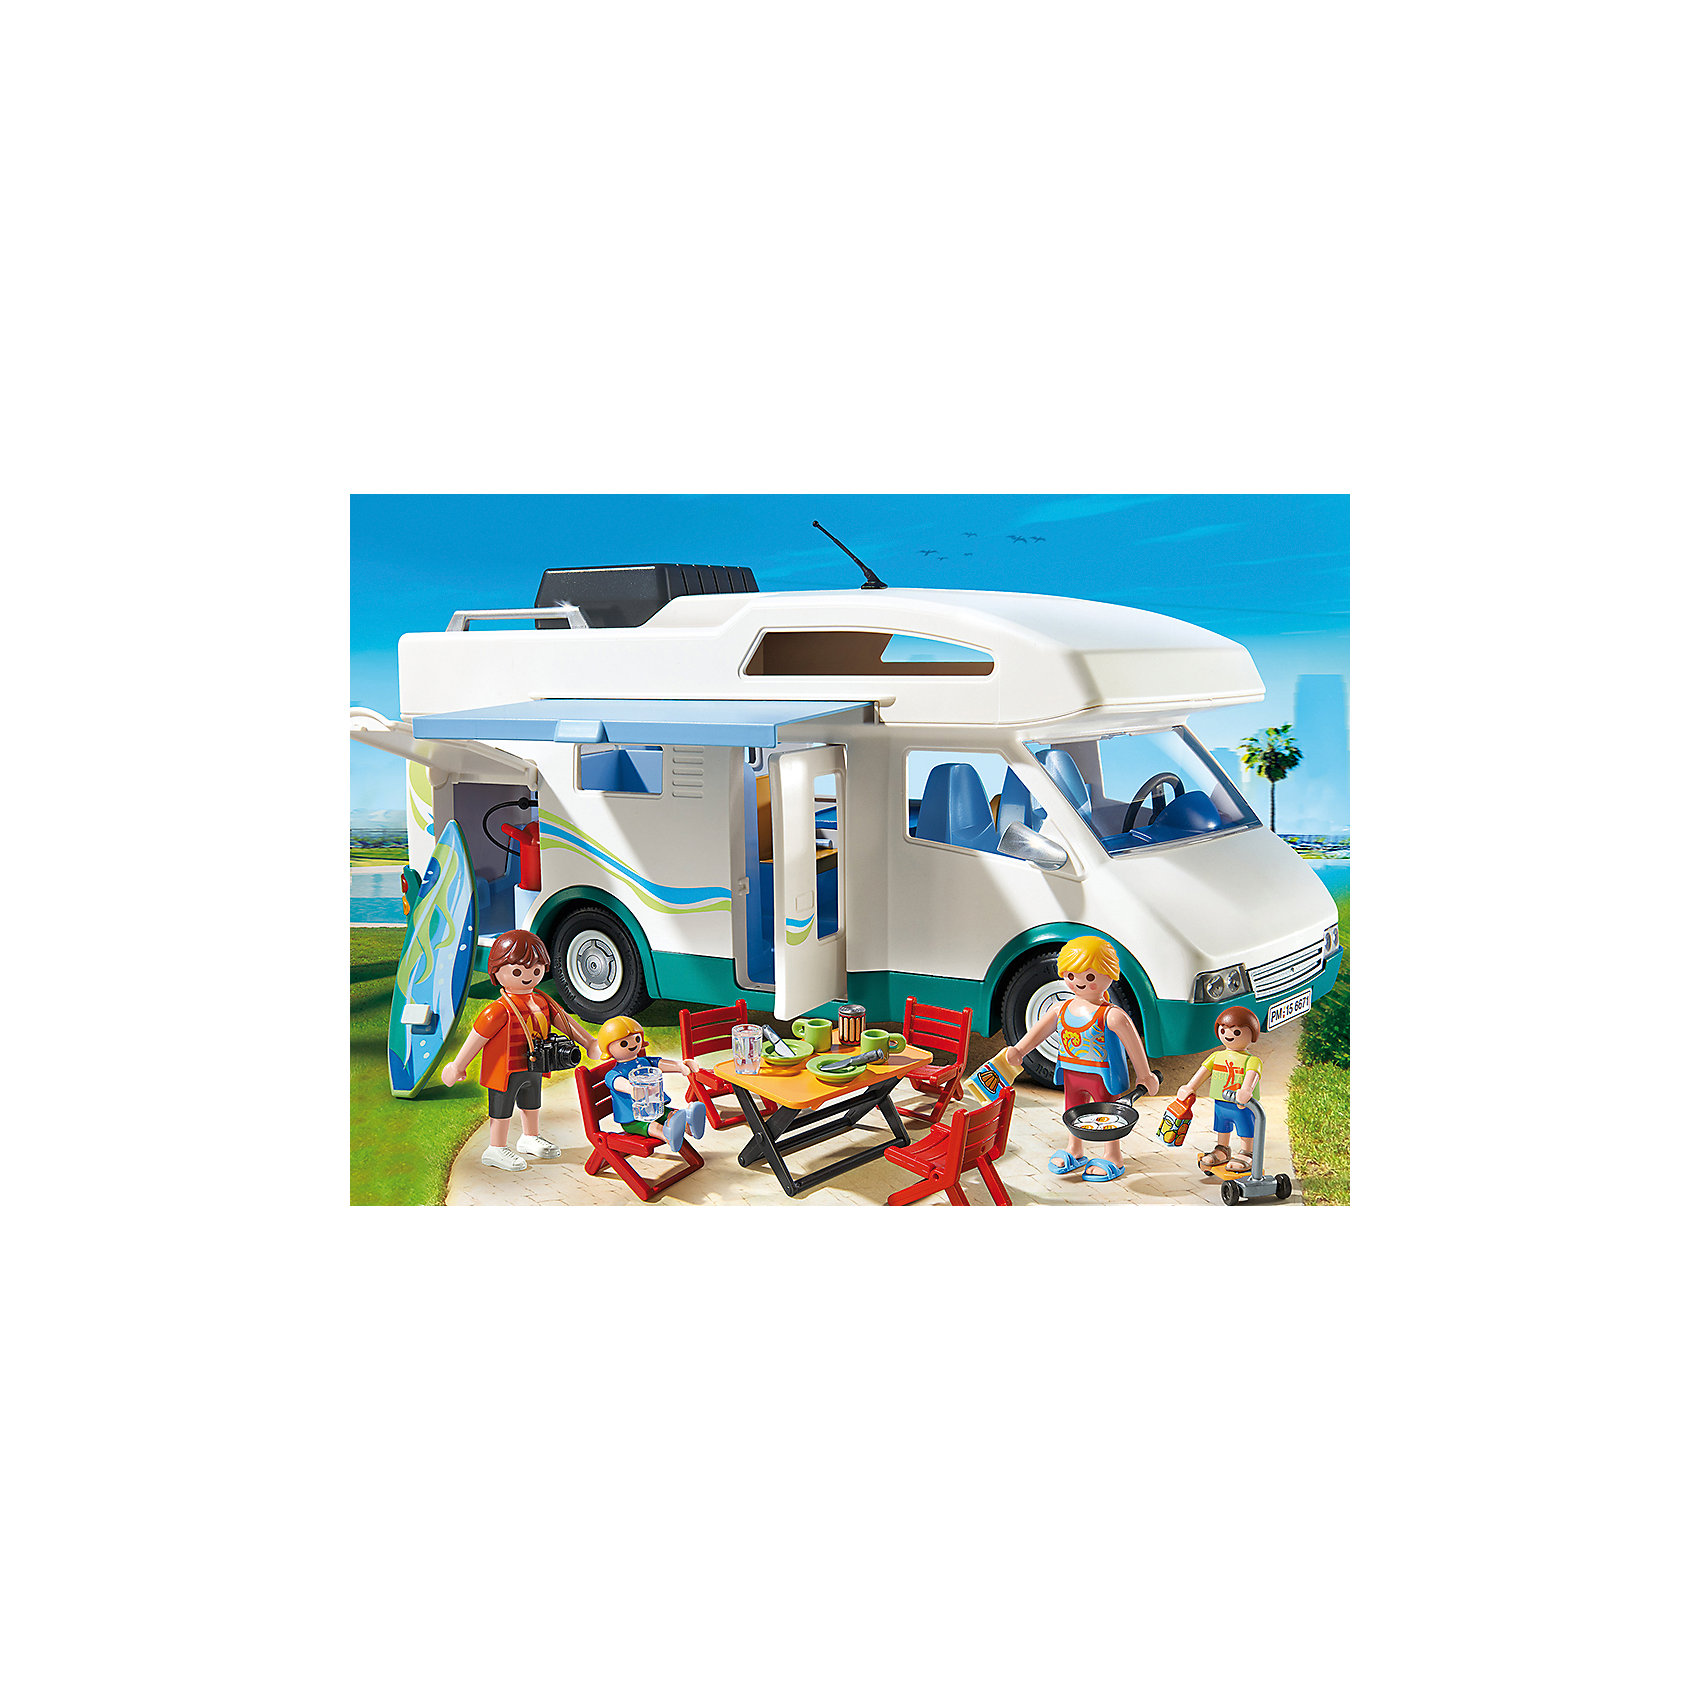 Аквапарк: Семейный автомобиль - дом на колесах, PLAYMOBILПрекрасный набор со множеством элементов и деталей. На таком замечательном семейном автомобиле можно отправиться куда угодно! Он укомплектован спальными местами на четырех человек, кухней, туалетом и местами для хранения продуктов и вещей.  Места для хранения находятся под детскими кроватями. По дороге в аквапарк остановись в понравившемся месте, установи на улице мебель, которая хранится на крыше дома на колесах и устрой веселый пикник. Чтобы попасть внутрь машины, просто снимите крышу. От солнца и дождя защитит выдвижной навес. В наборе - автомобиль,  мебель, 2 фигурки взрослых, 2 фигурки детей, всевозможные аксессуары, которые сделают игру еще интереснее и реалистичнее. Фигурки имеют подвижные конечности, в руки можно вложить различные предметы. Все детали набора прекрасно проработаны, выполнены из высококачественного пластика. Играть с таким набором не только приятно и интересно - подобные виды игры развивают мелкую моторику, воображение, творческое мышление.<br><br>Дополнительная информация:<br><br>- Комплектация: 4 фигурки, машина, 3 стула, стол, доска для серфинга, продукты, аксессуары.<br>- 4 фигурки в комплекте: родители (2 шт), дети (2 шт).<br>- Материал: пластик.<br>- Высота фигурки: 7,5 см.<br>- Высота фигурки ребенка: 5,5 см.<br>- Размер машины: 32 x 13 x 15 см<br><br>Набор Аквапарк: Семейный автомобиль - дом на колесах, PLAYMOBIL (Плеймобил), можно купить в нашем магазине.<br><br>Ширина мм: 346<br>Глубина мм: 248<br>Высота мм: 126<br>Вес г: 971<br>Возраст от месяцев: 48<br>Возраст до месяцев: 120<br>Пол: Унисекс<br>Возраст: Детский<br>SKU: 3786436